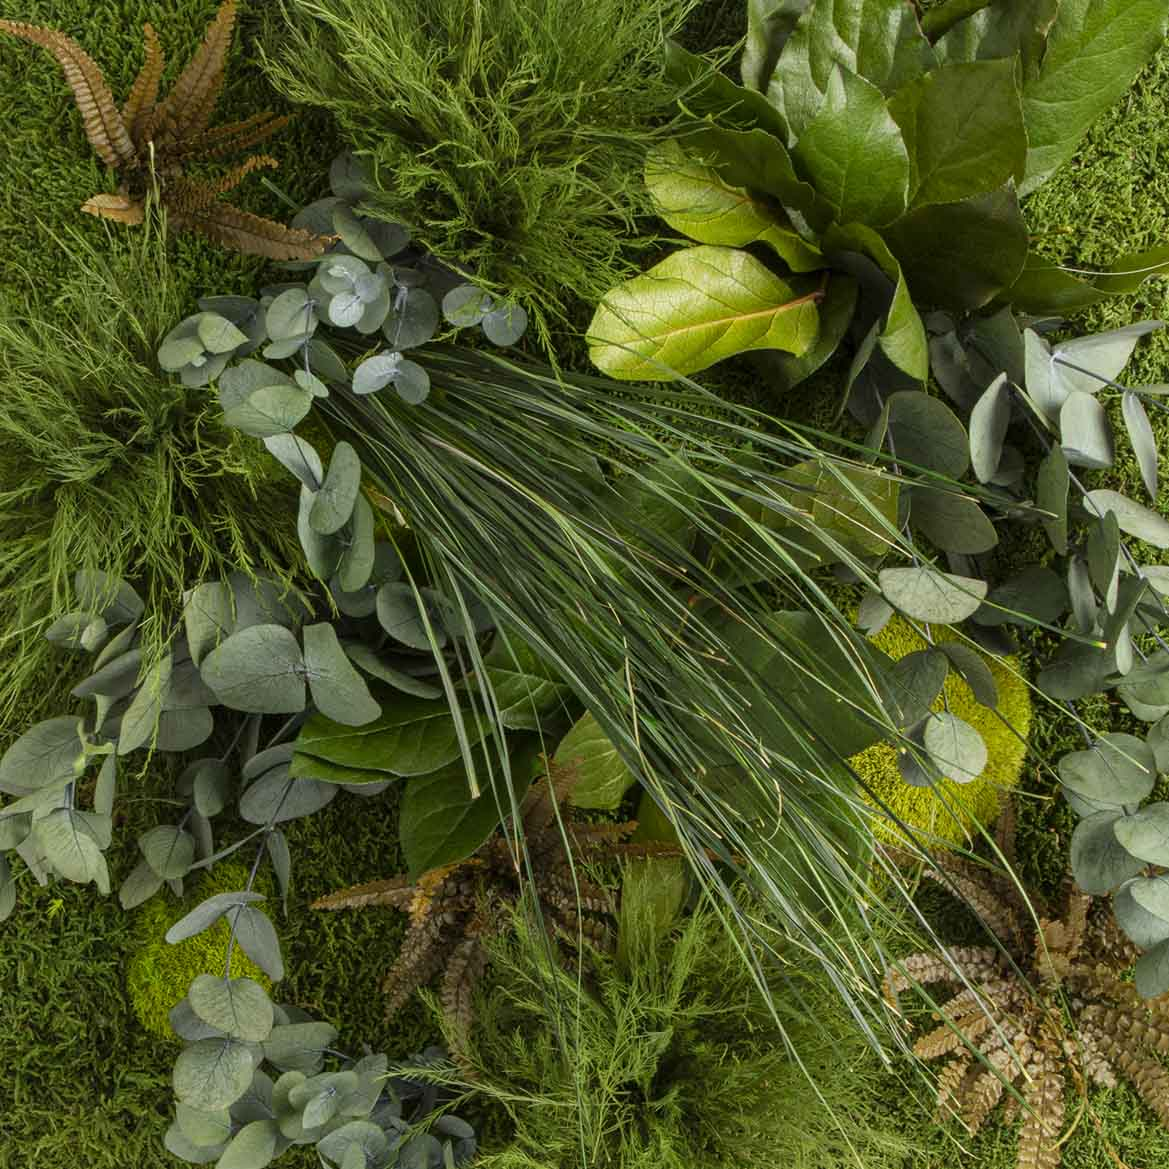 Moosbild mit Dschungelpflanzen